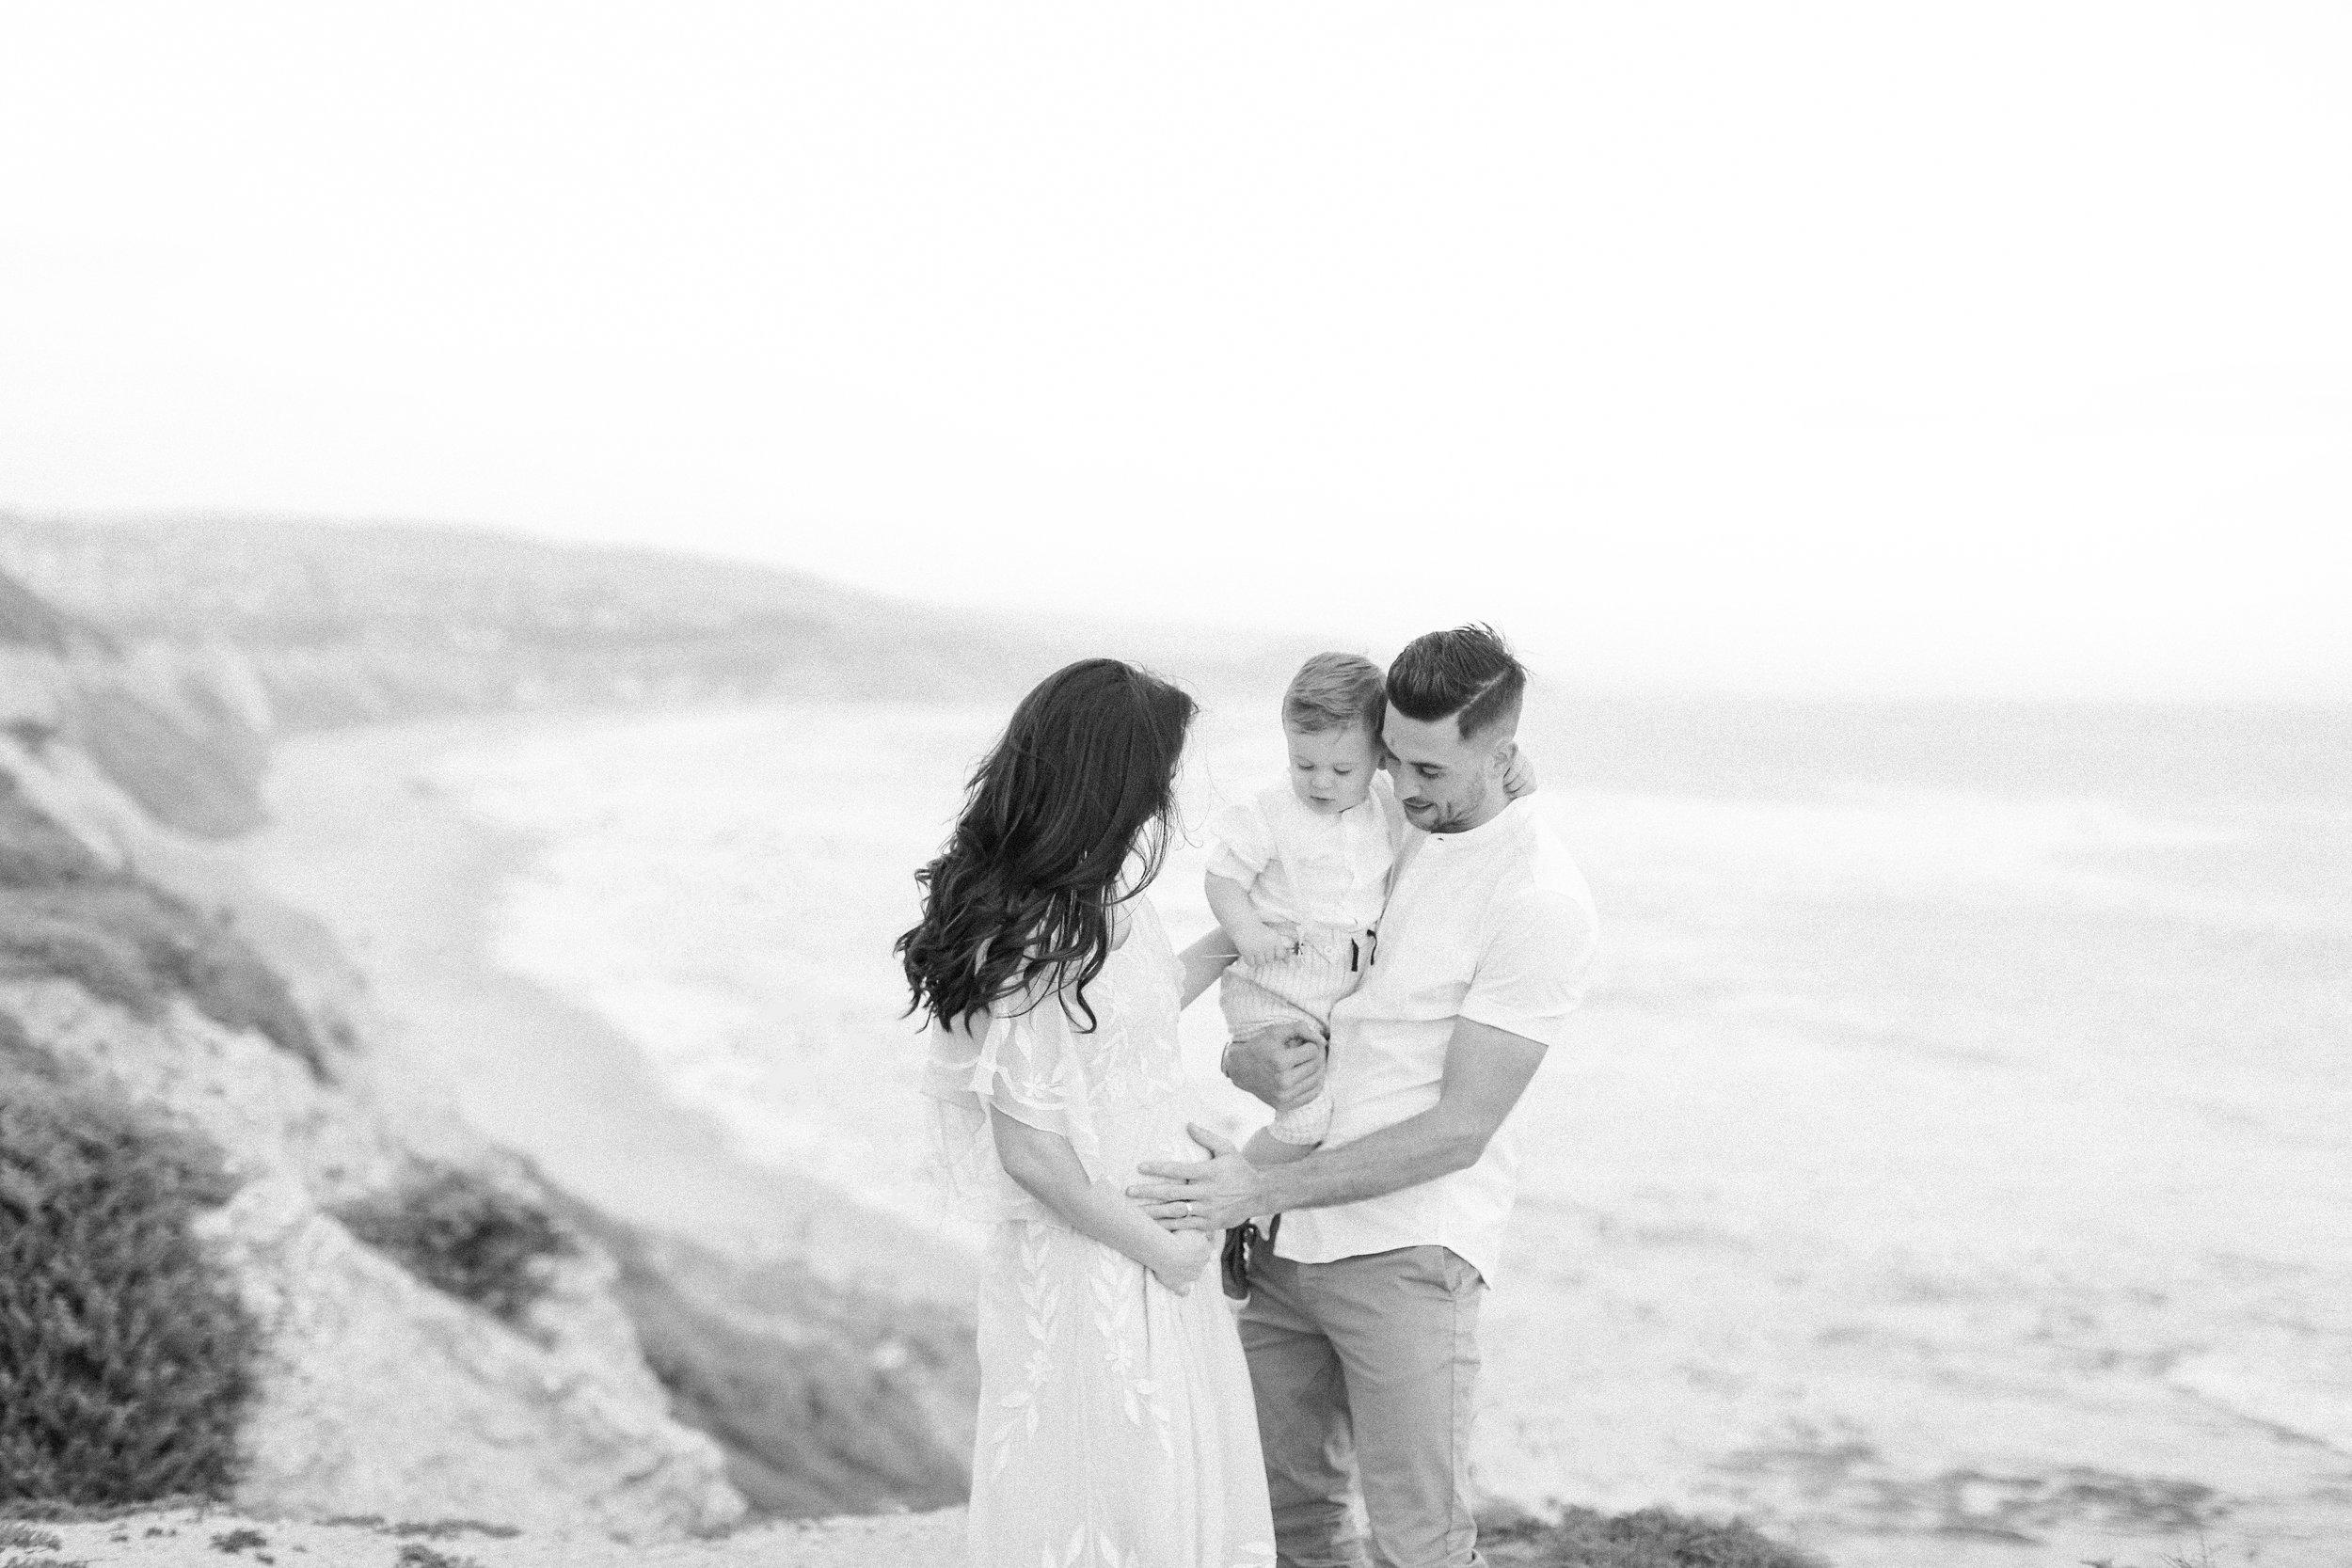 Cori-Kleckner-Photography- Parker Family Session1-36.JPG